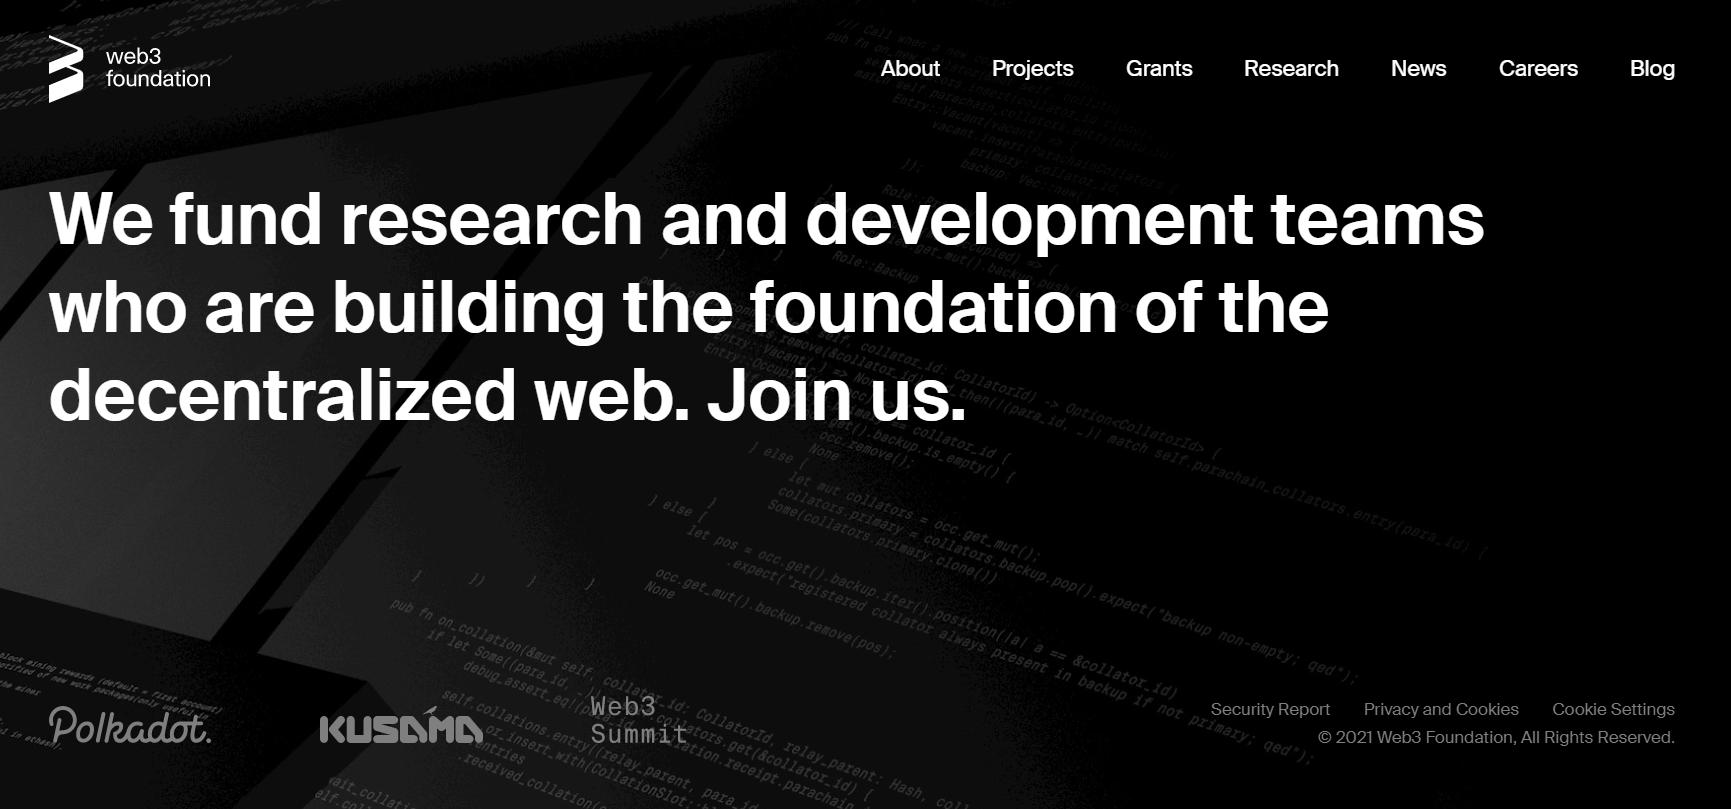 web3基金会